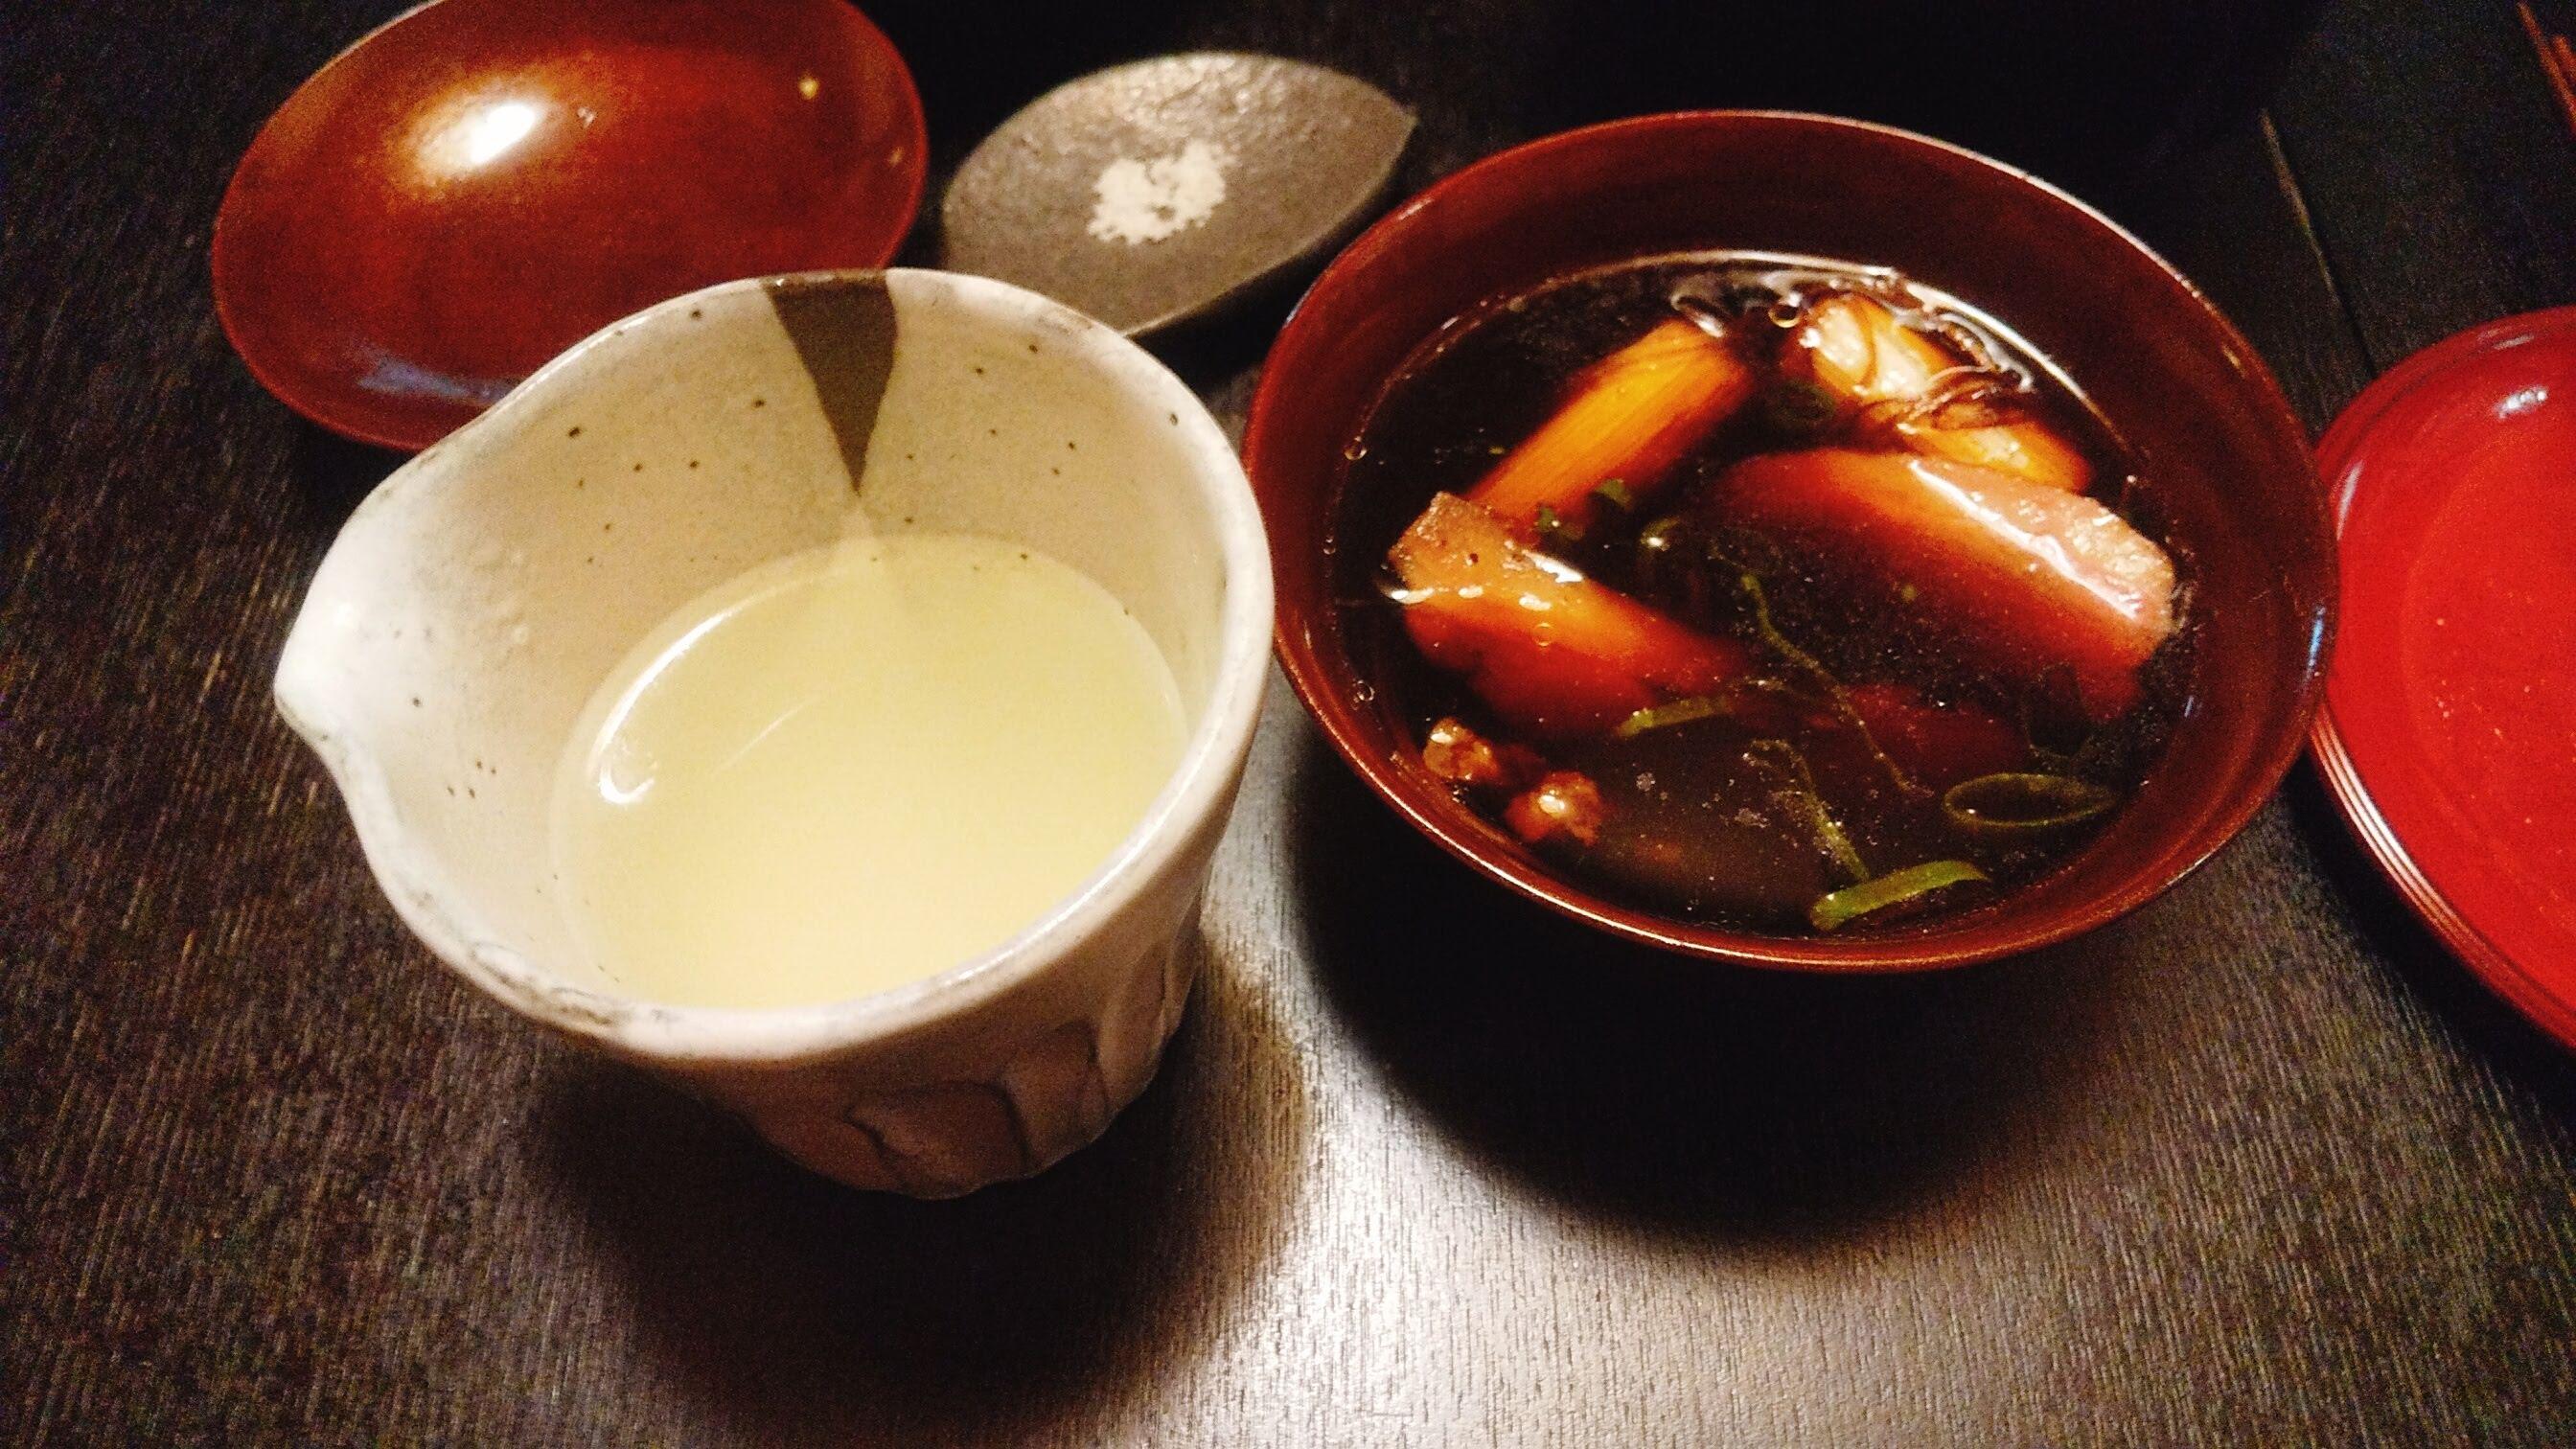 季織亭の手打ち小麦蕎麦のスープ割りの写真